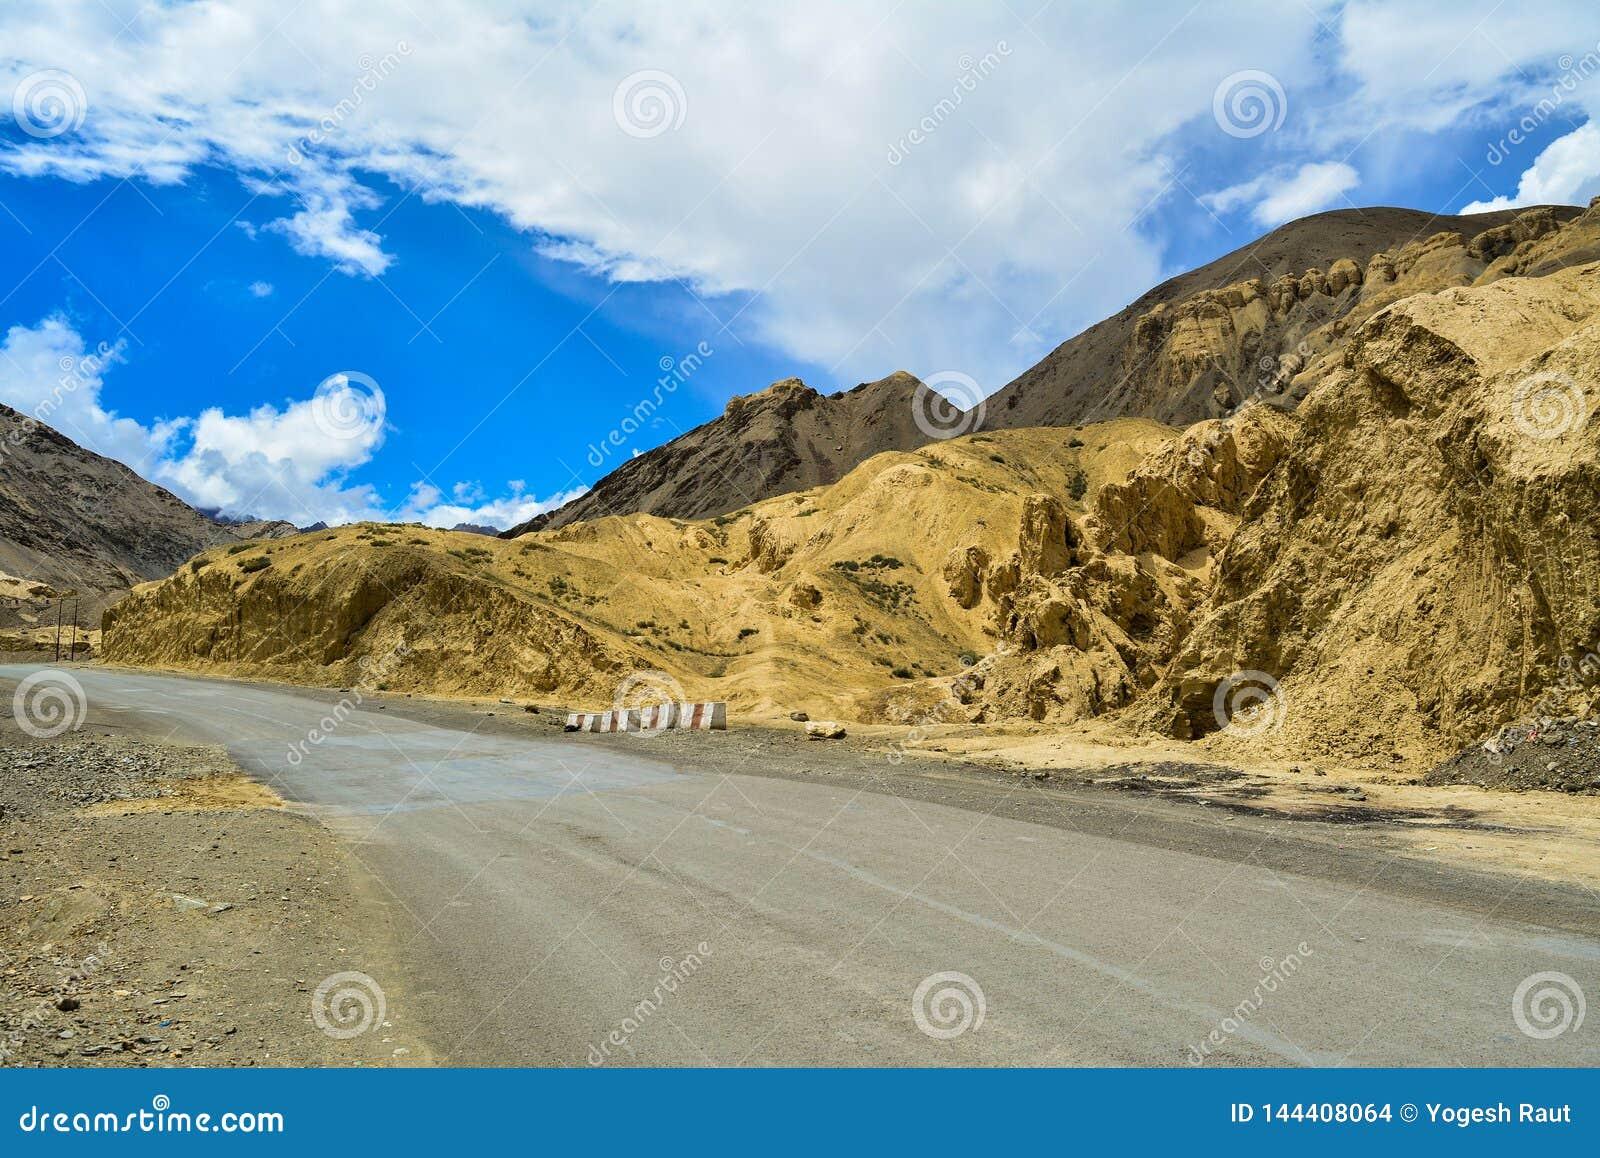 A vista de uma estrada avante aluna em Ladakh na Índia de Kashmir